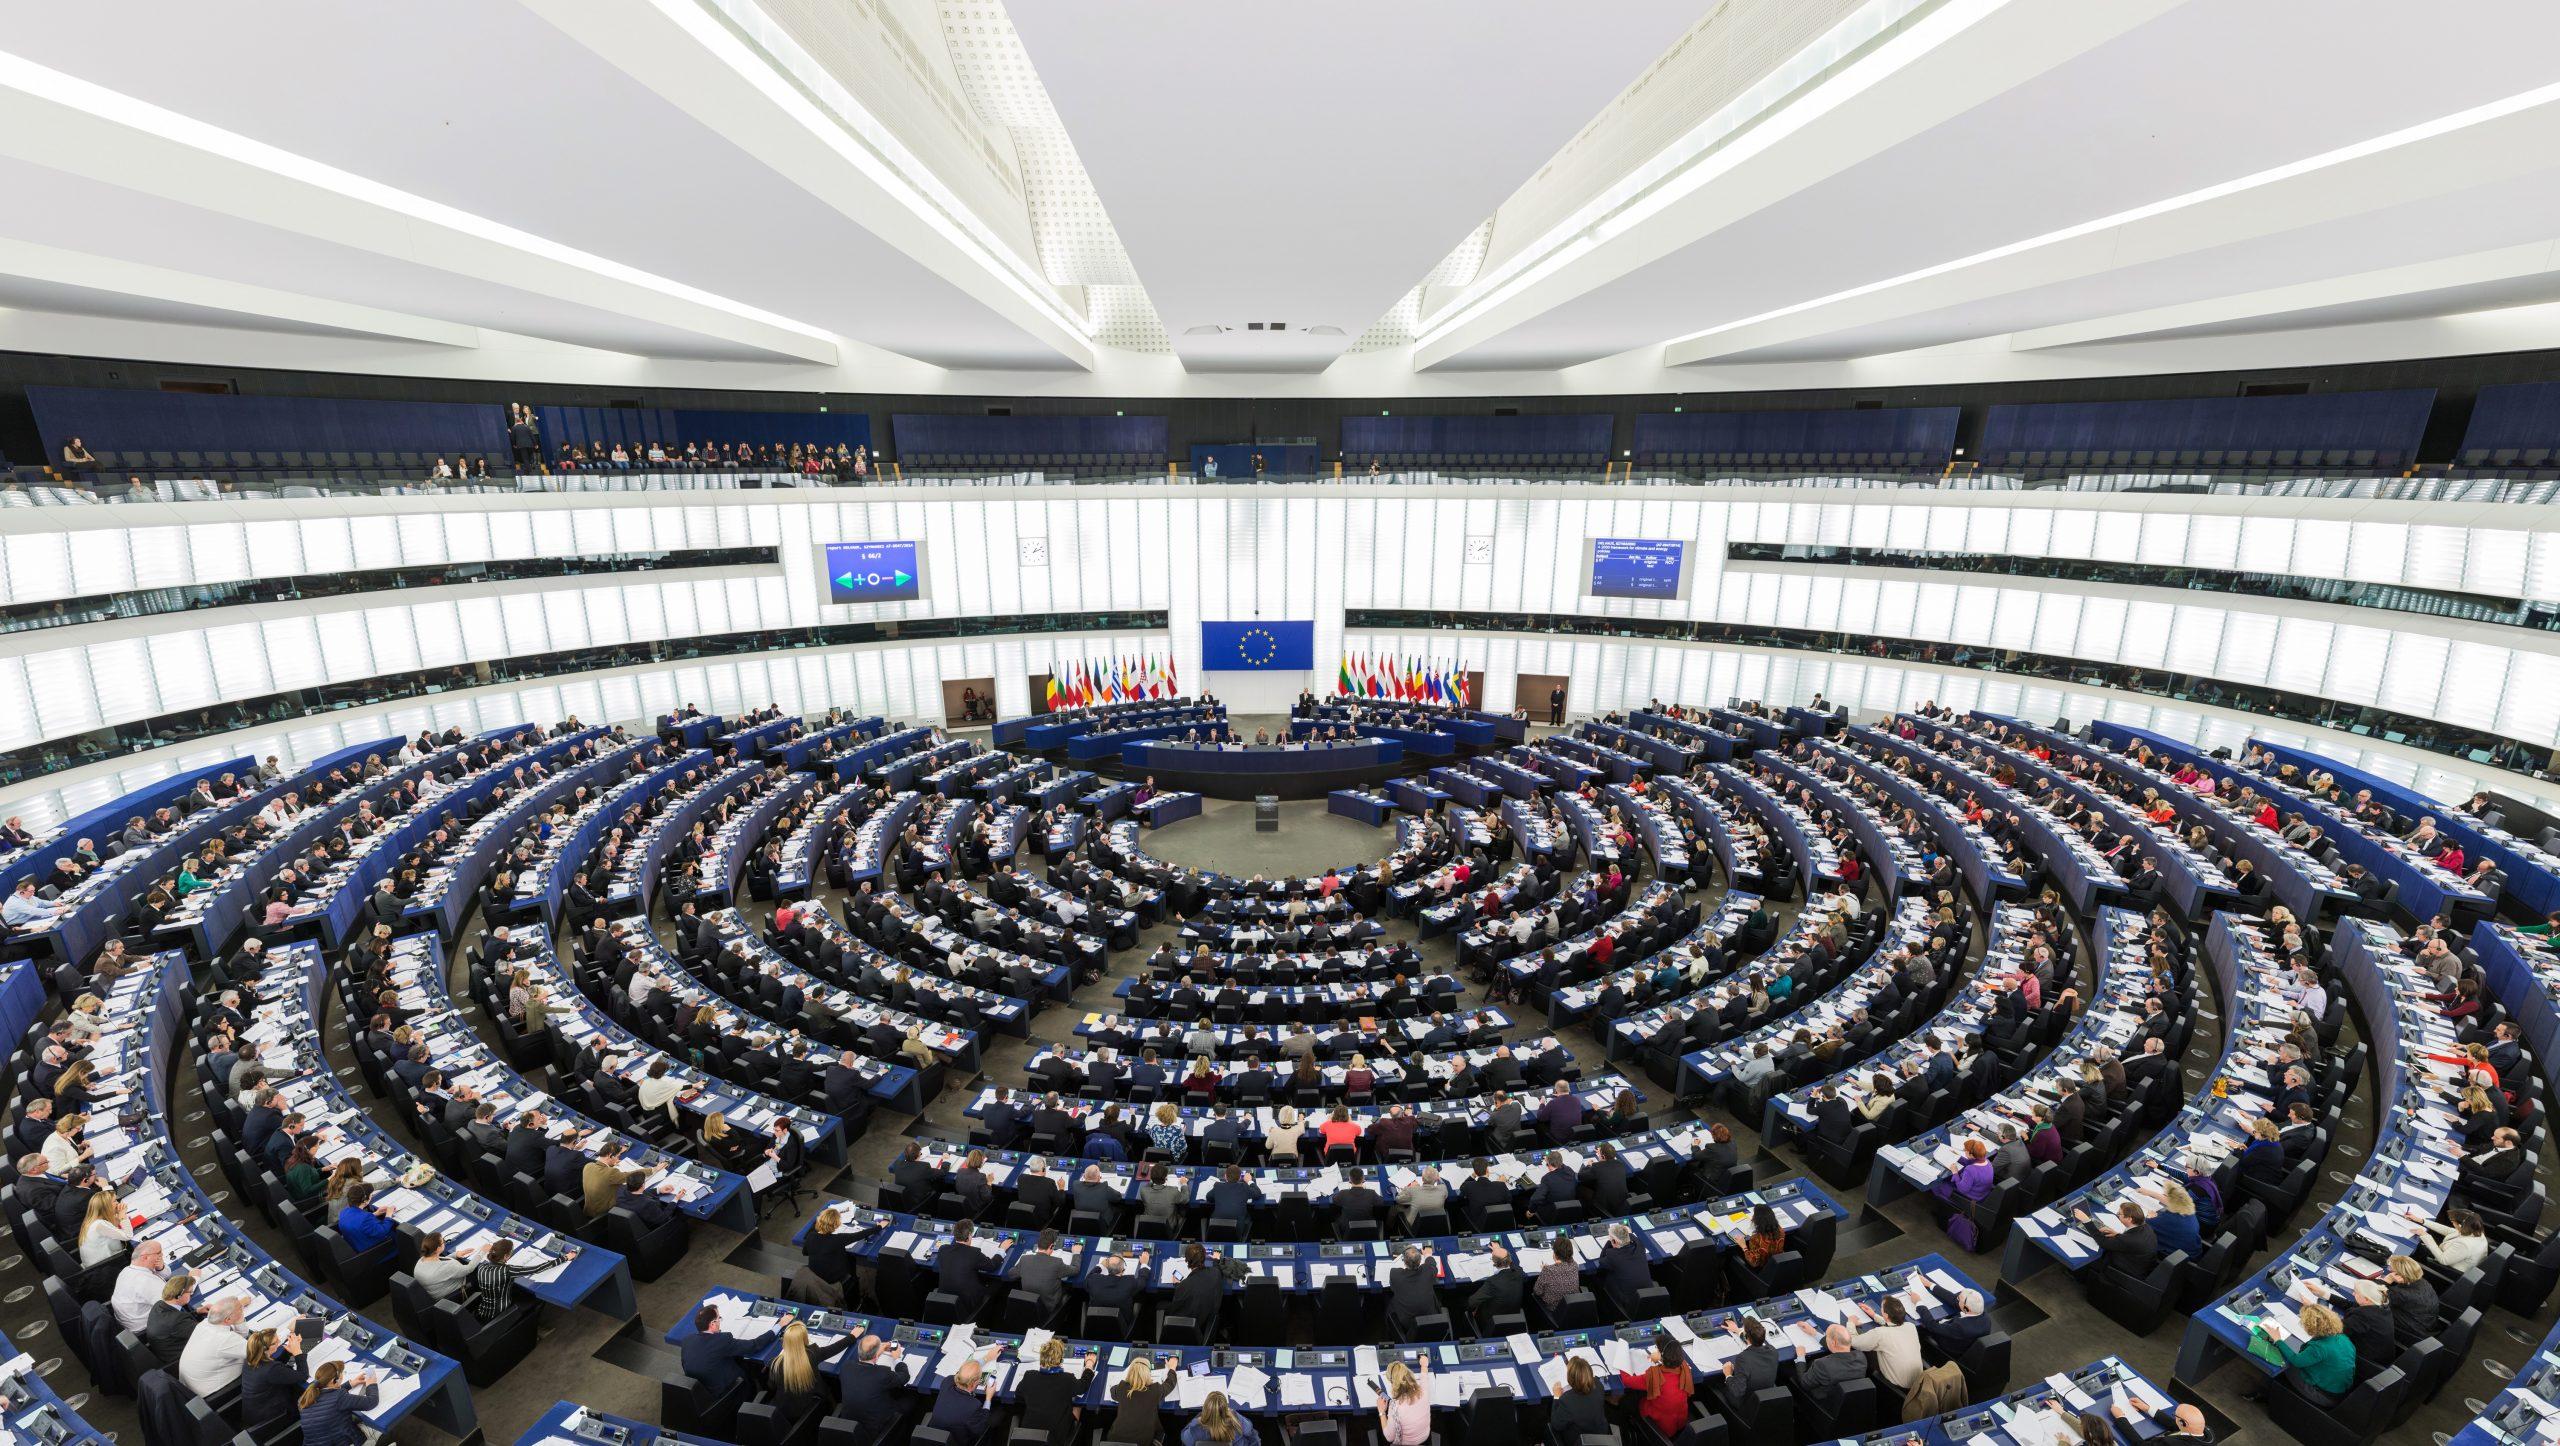 El Parlamento Europeo aprueba el polémico acuerdo comercial con Canadá